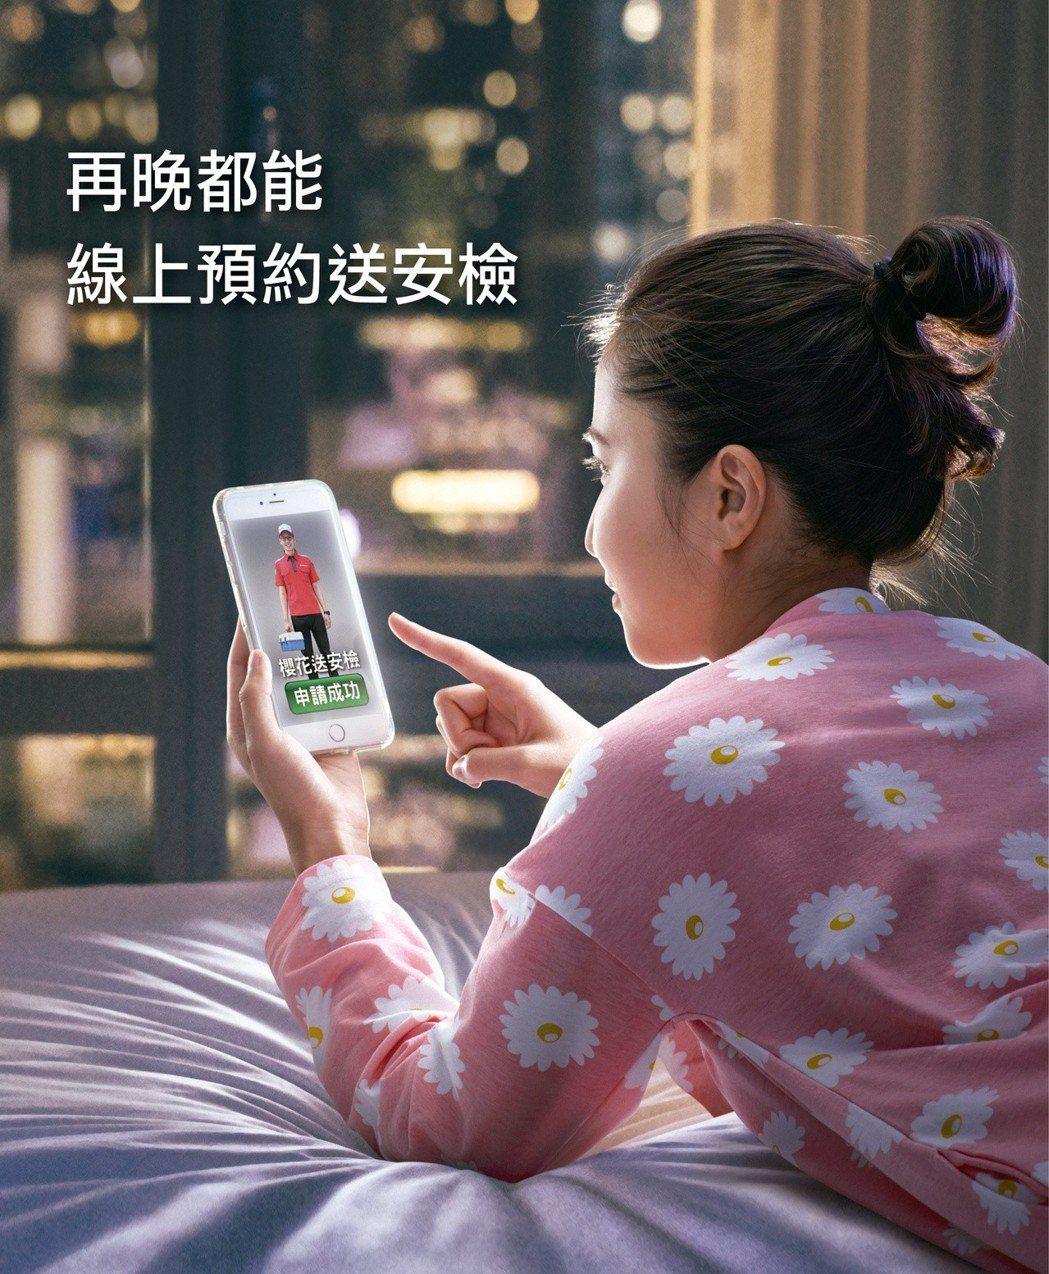 櫻花提供24小時線上送安檢預約報名服務。 台灣櫻花/提供